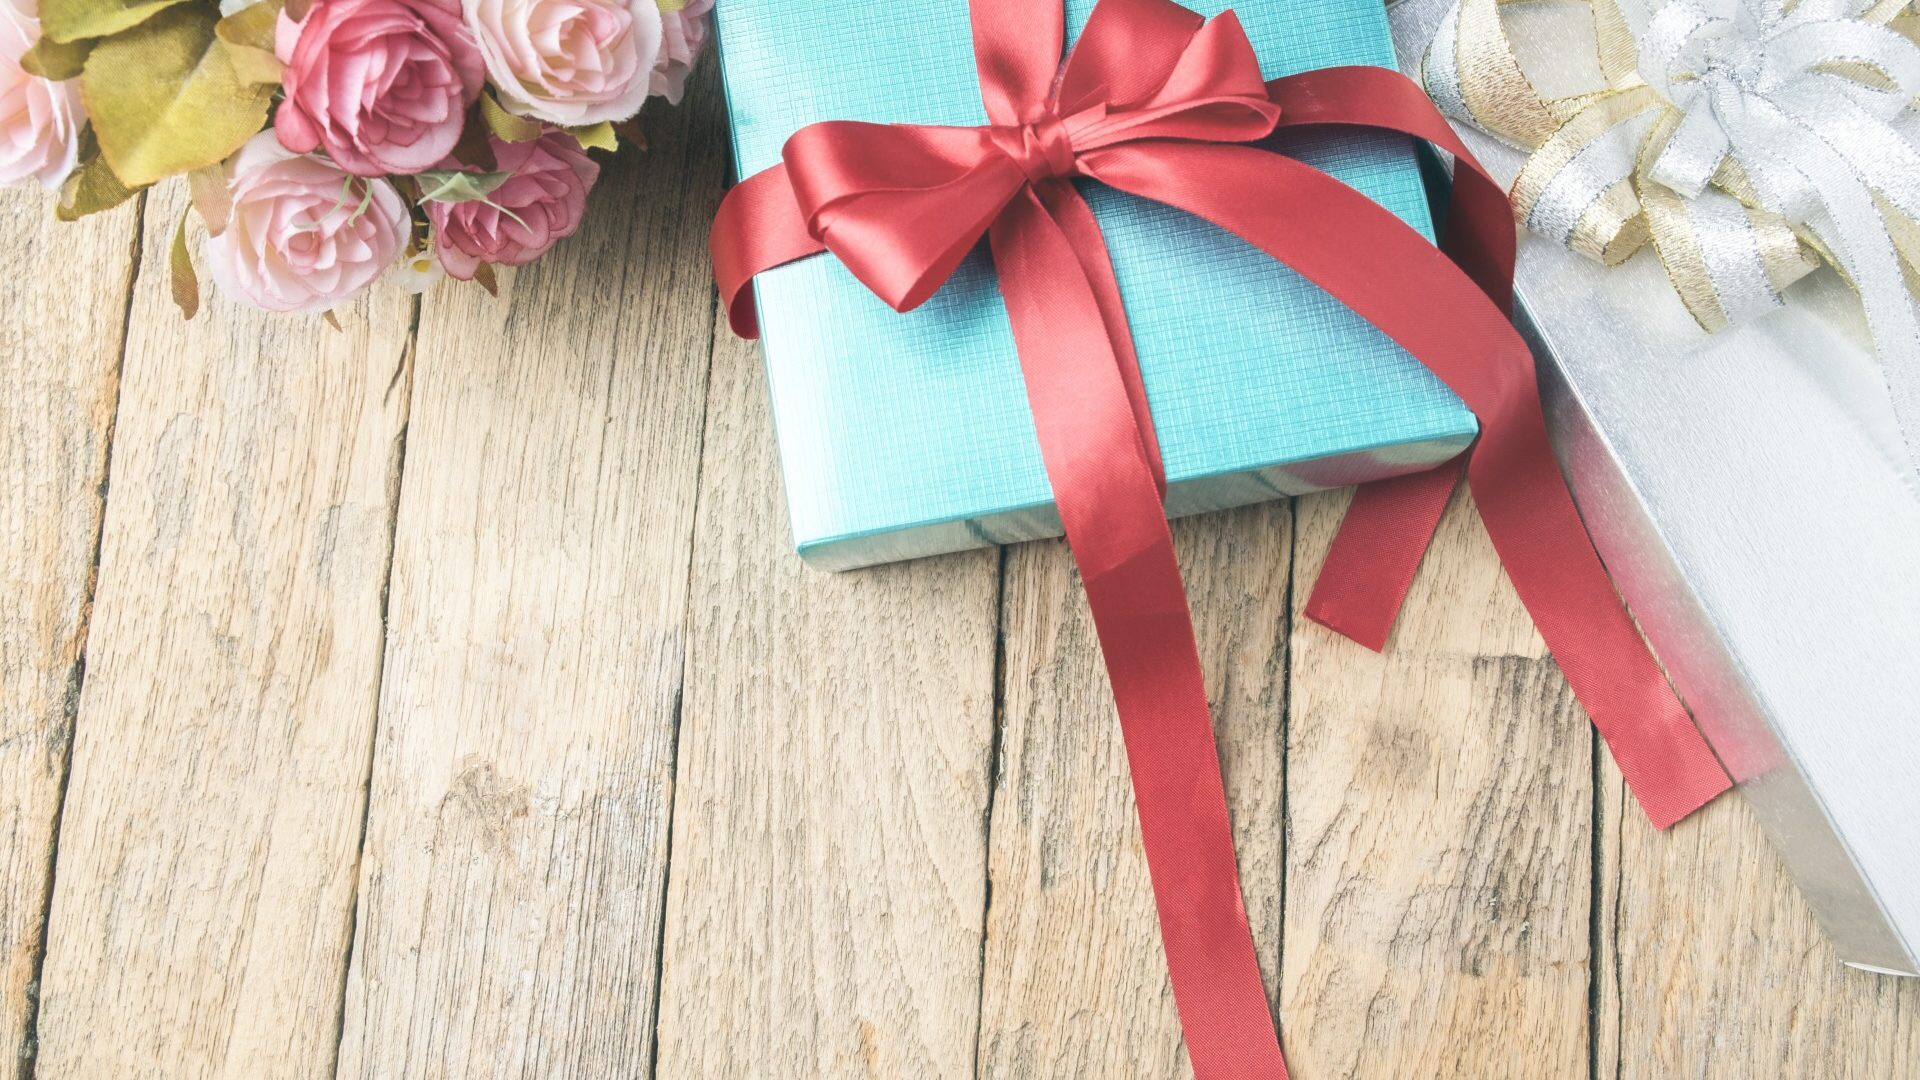 Покупки в праздники неверующих